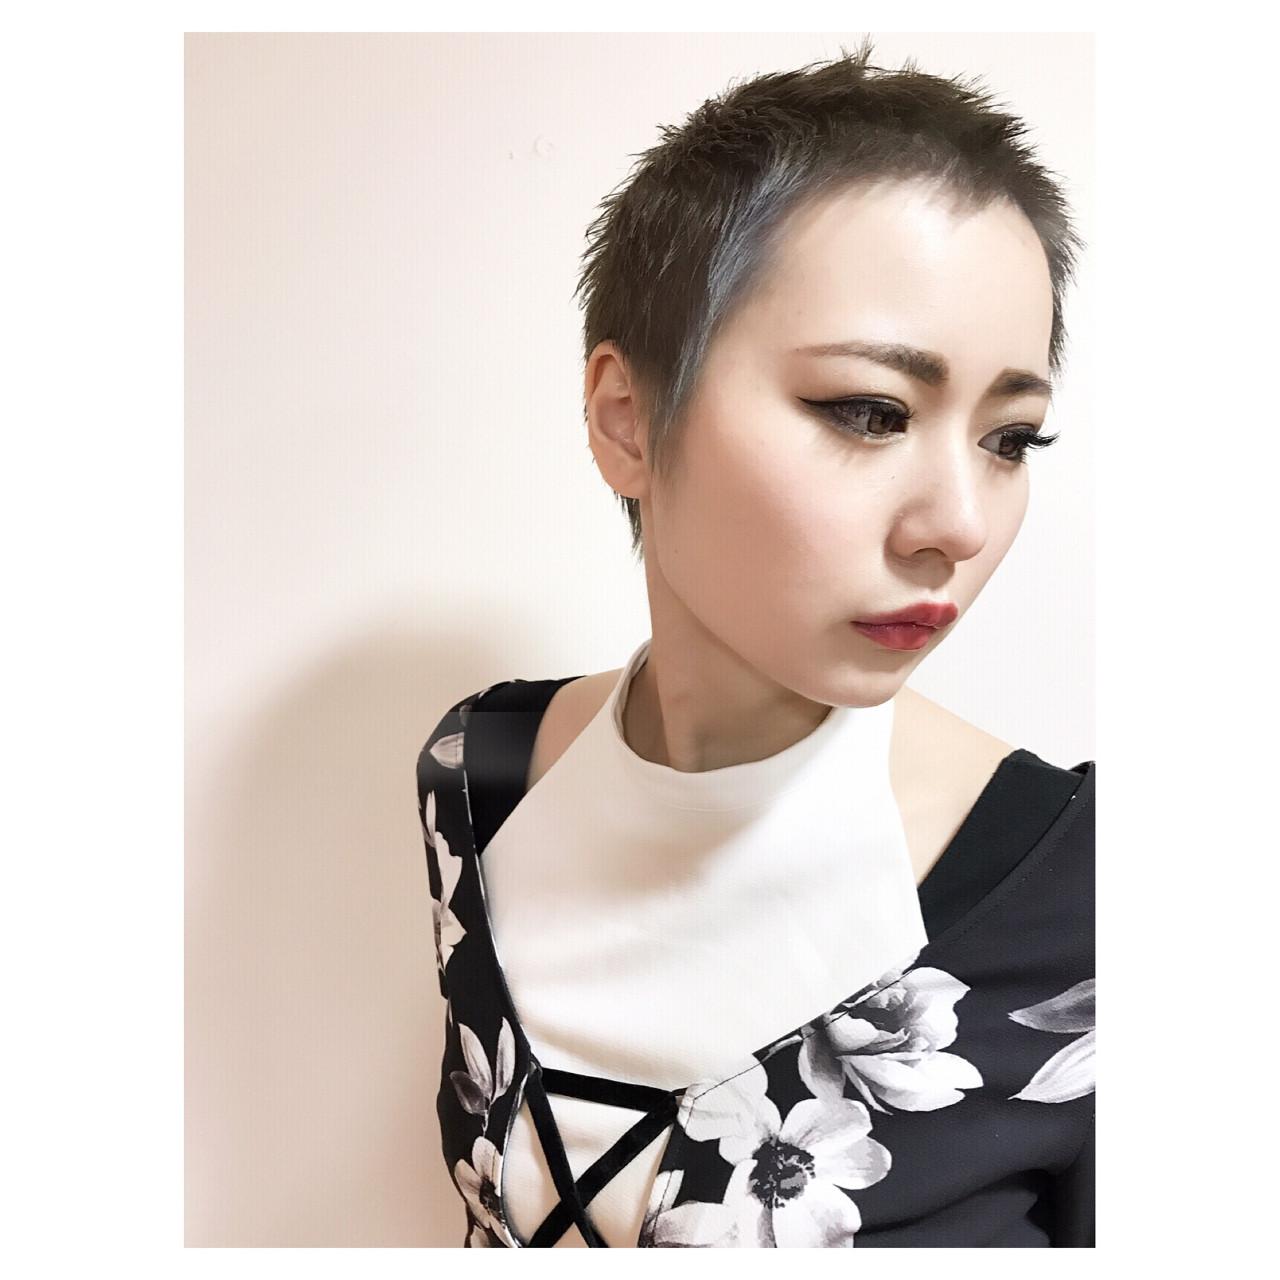 ベリーショート かっこいい ショート 個性的 ヘアスタイルや髪型の写真・画像 | ショート職人 伊藤修久 【#tag】 / 株)92  #tag